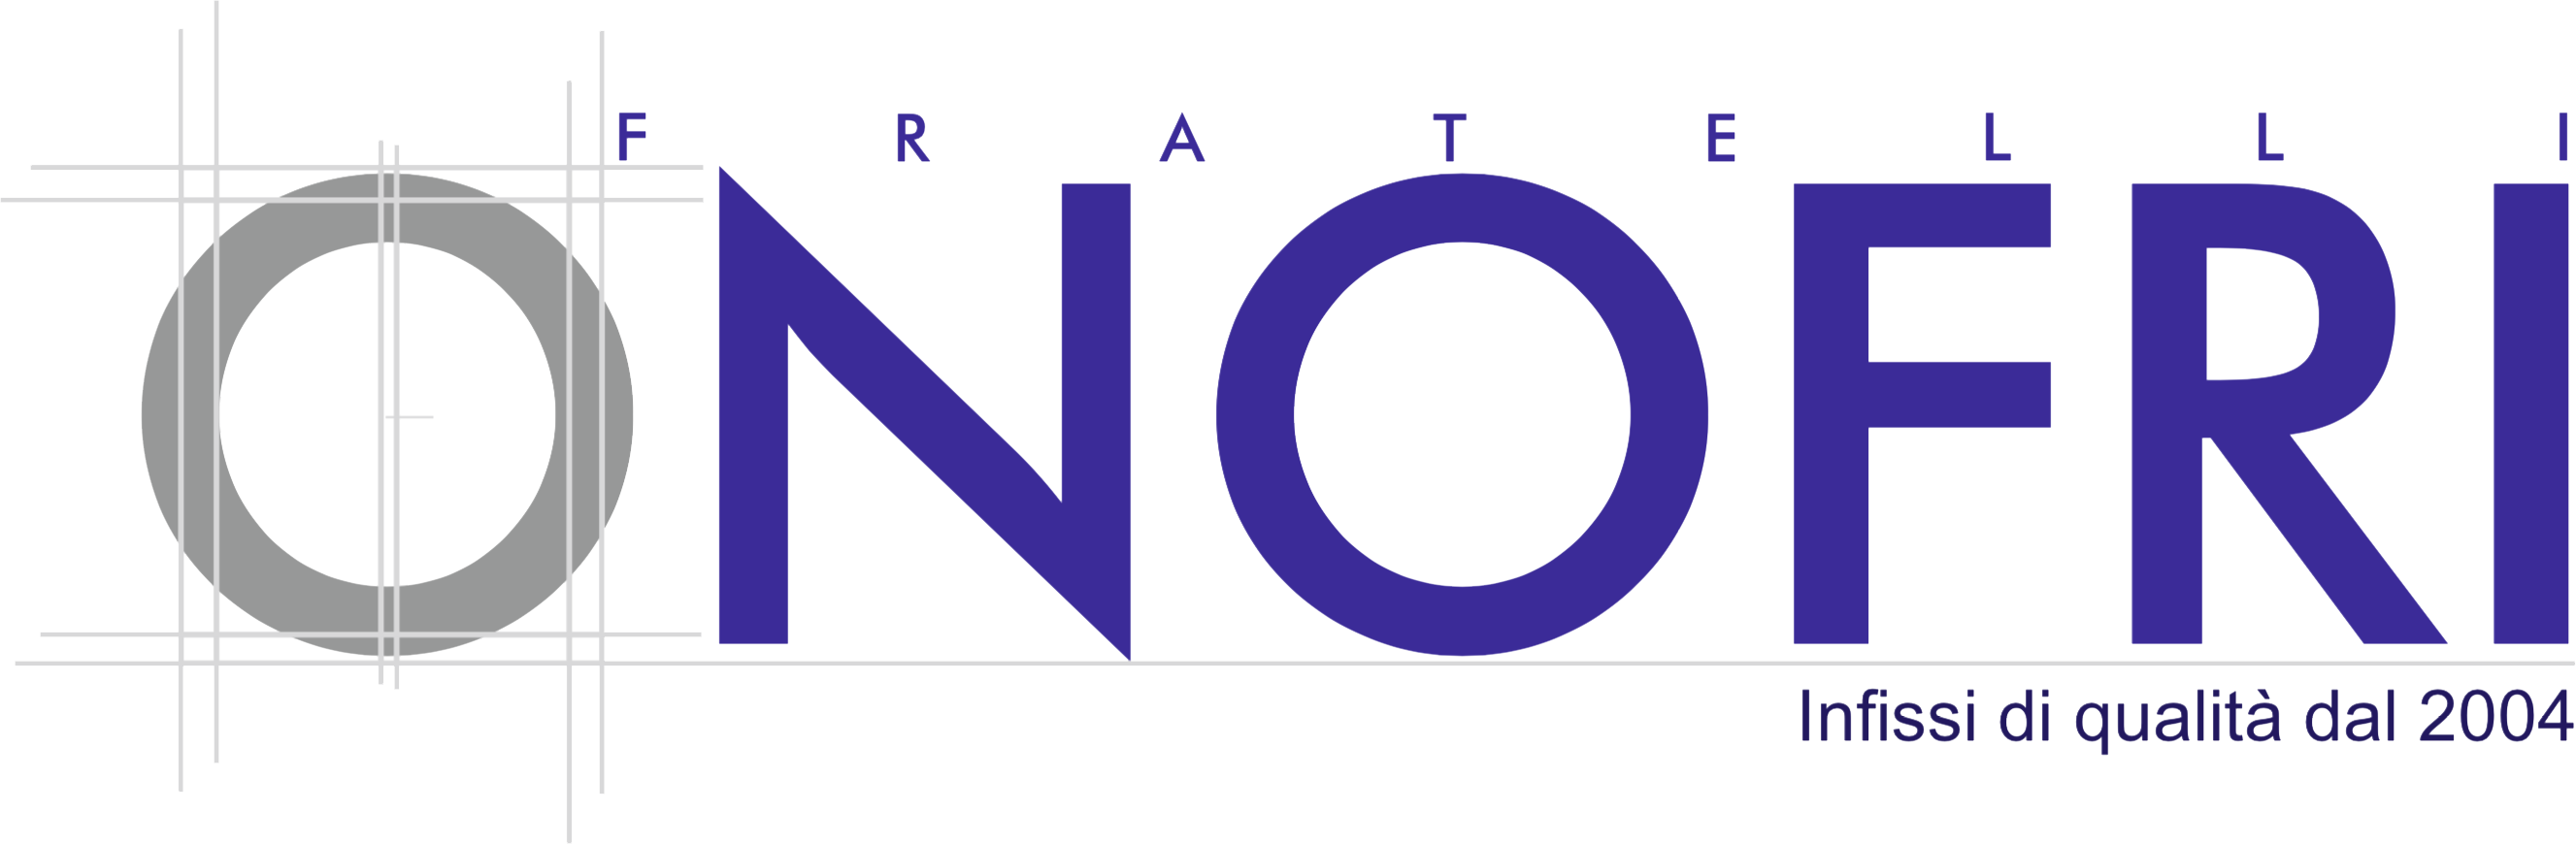 f.ll Onofri